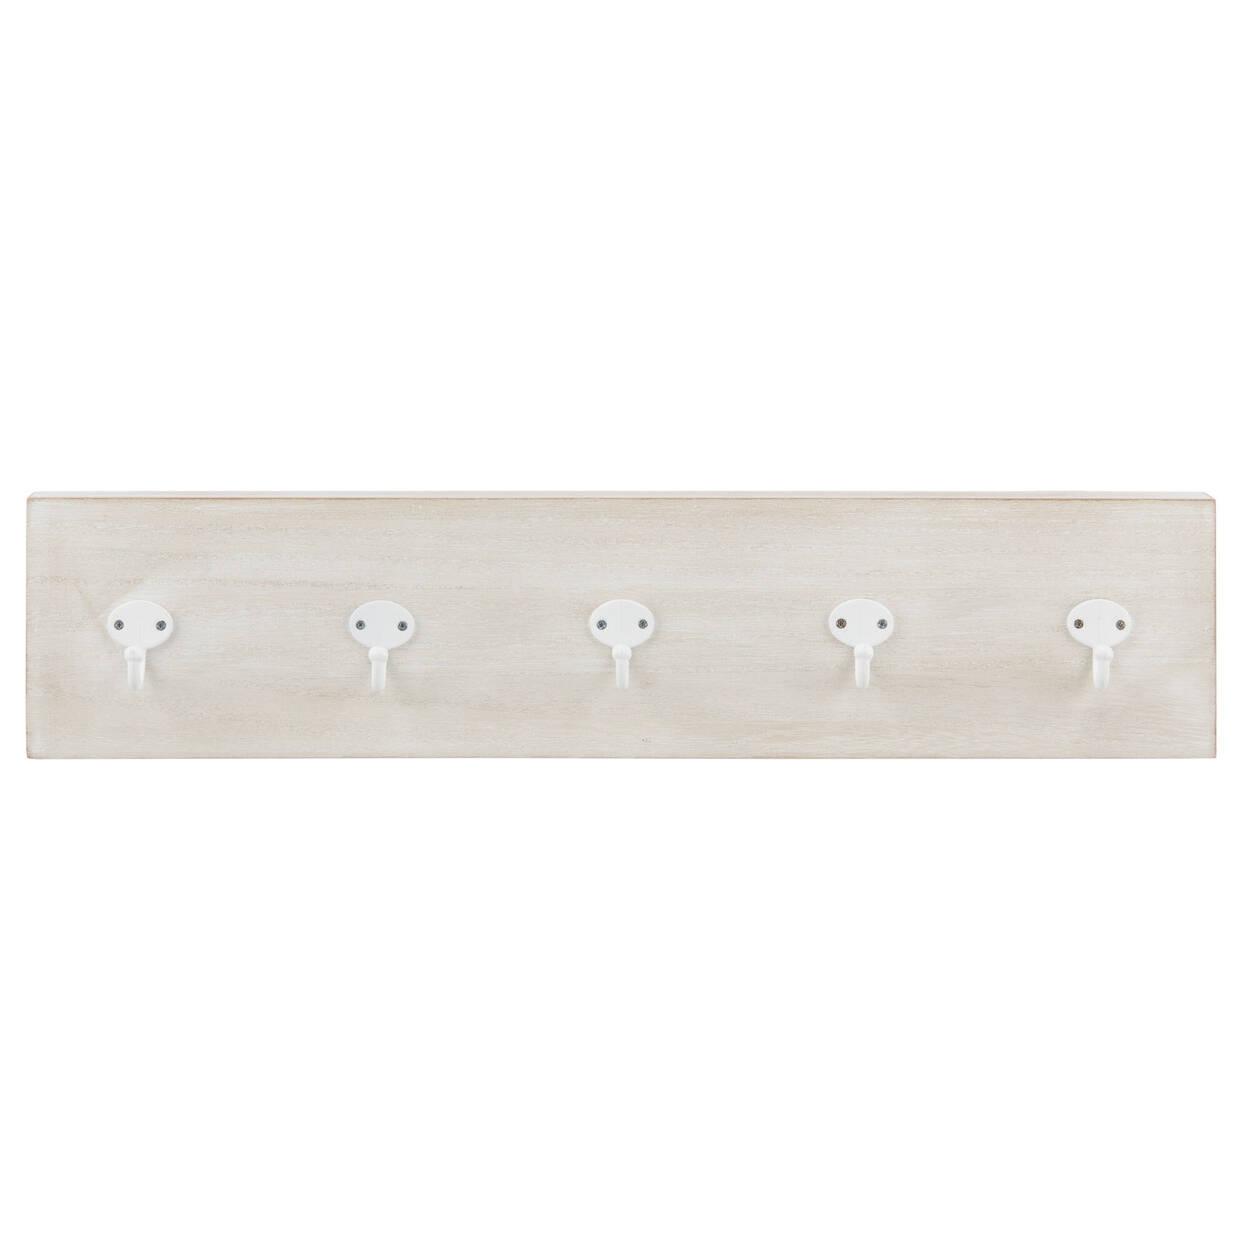 Ensemble de 5 crochets blancs sur plaque en bois